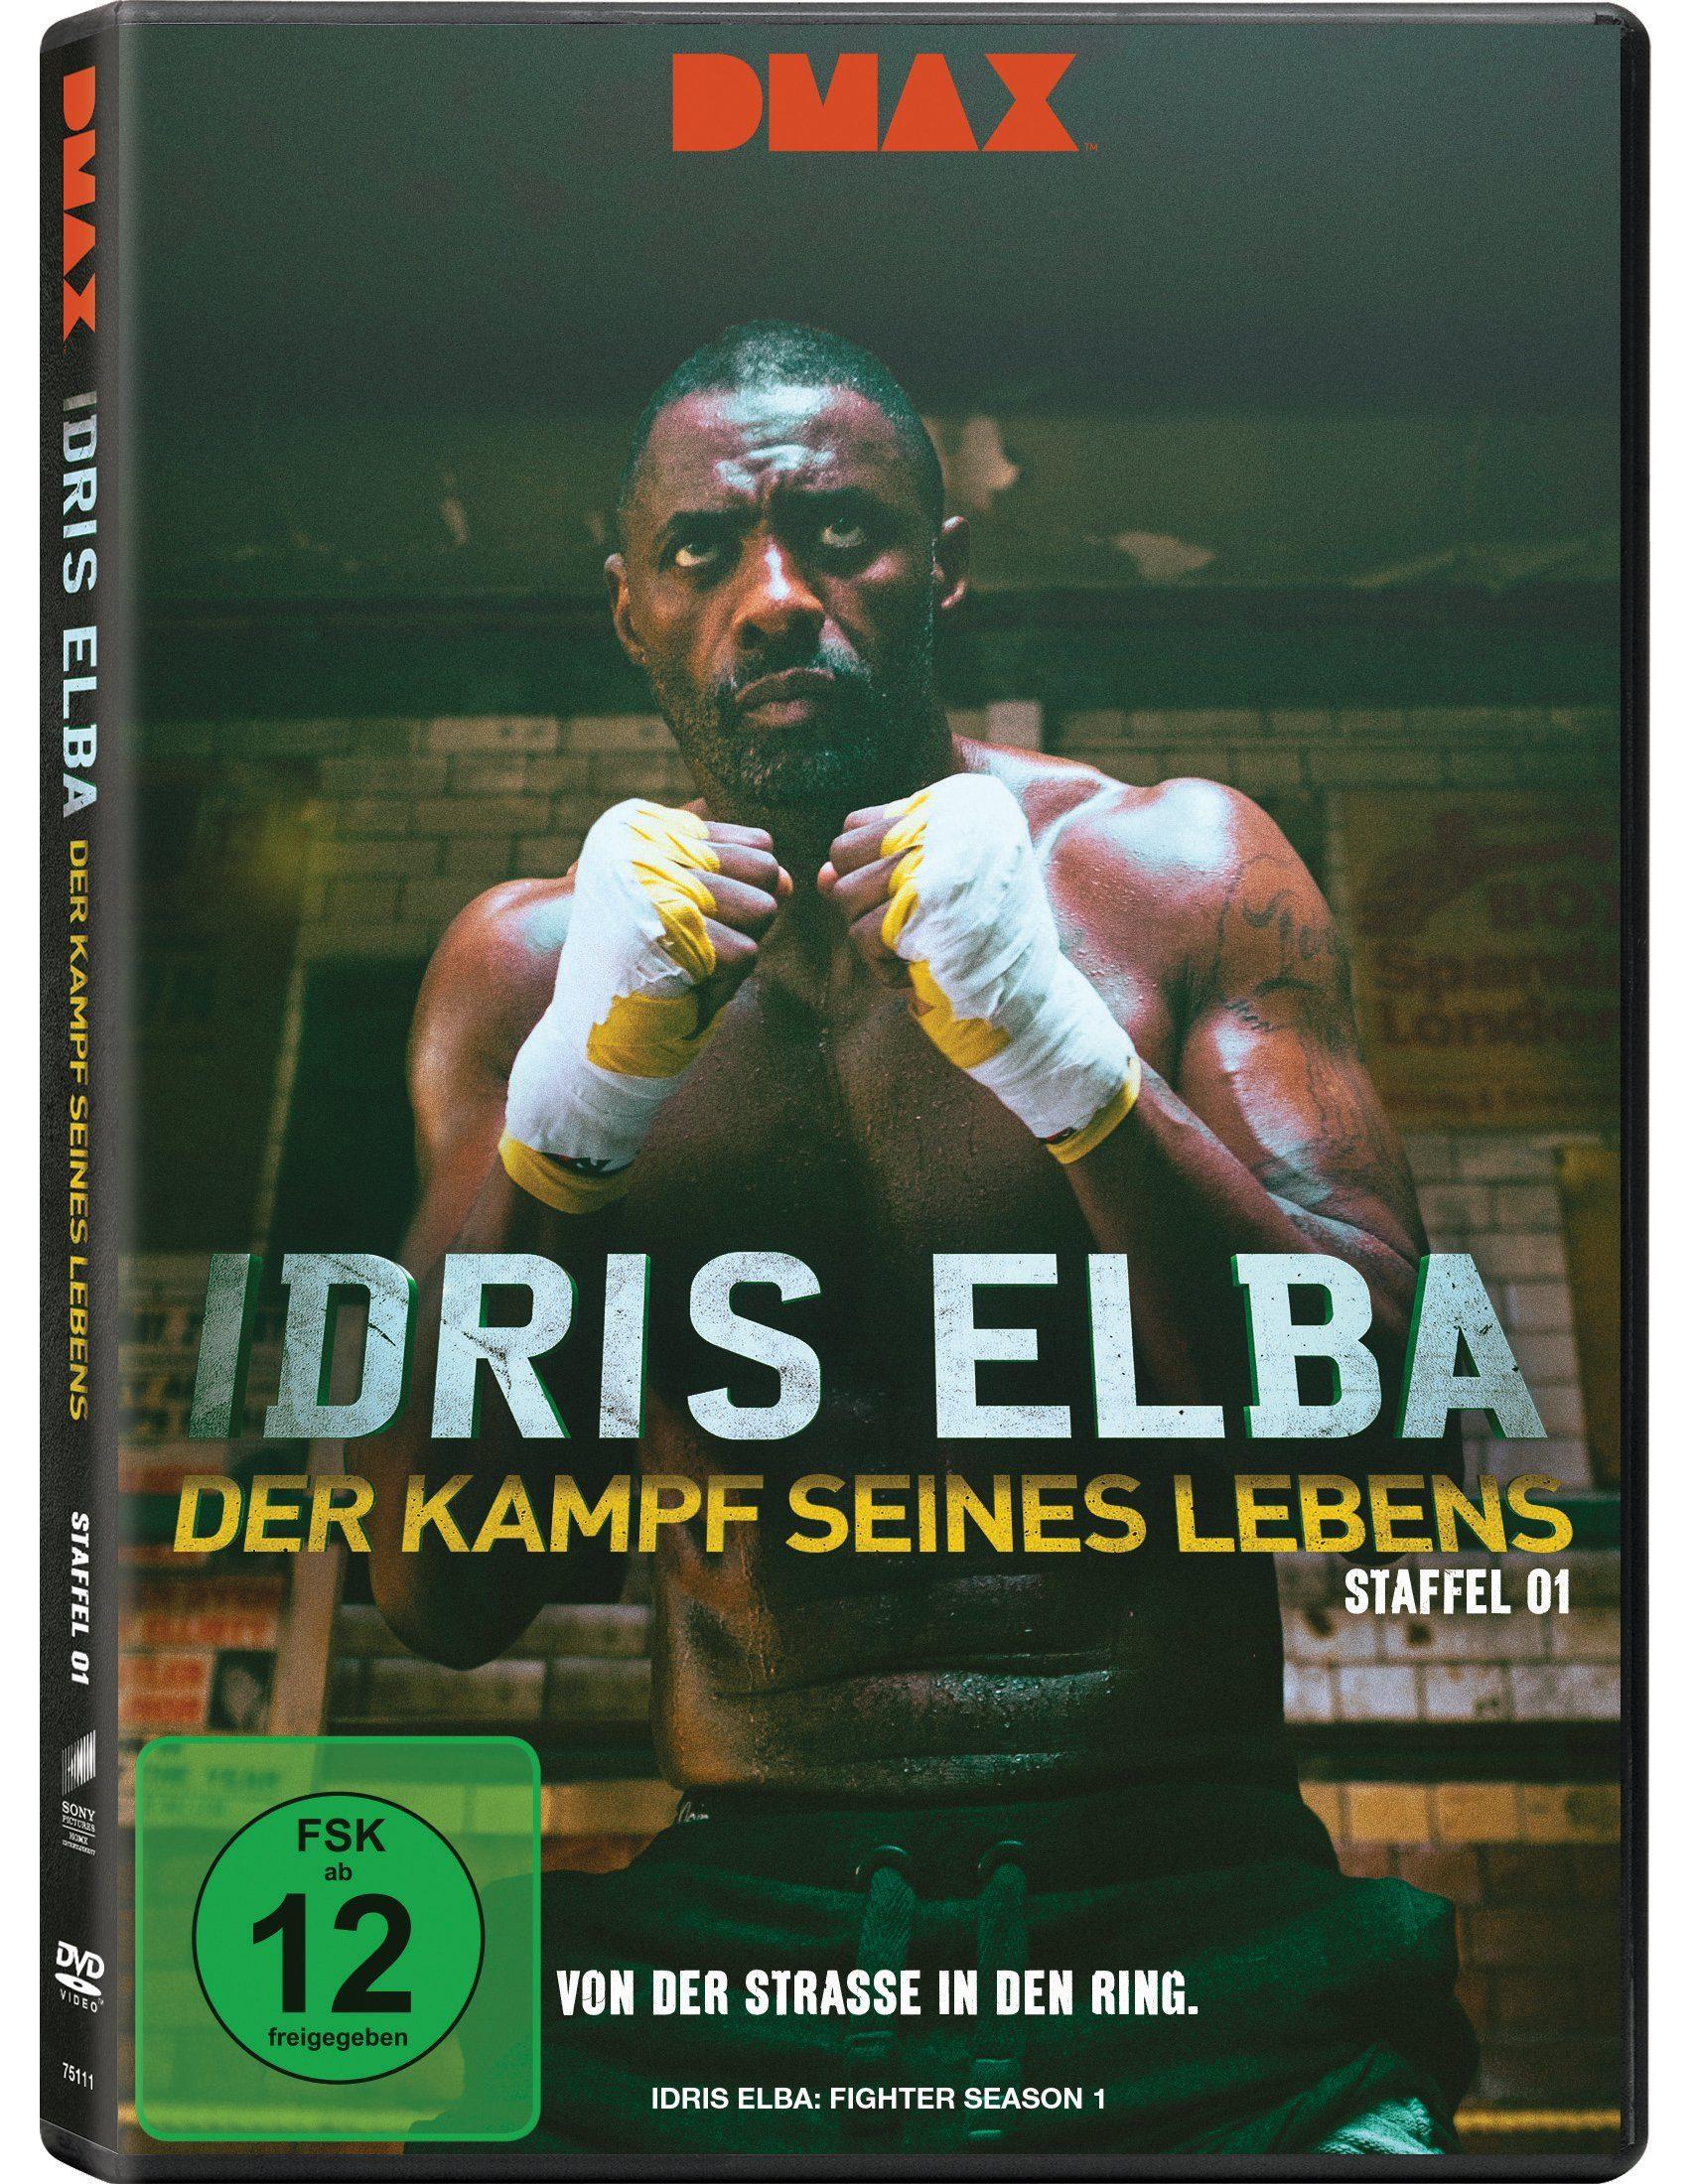 Sony Pictures DVD »Idris Elba - Der Kampf seines Lebens«